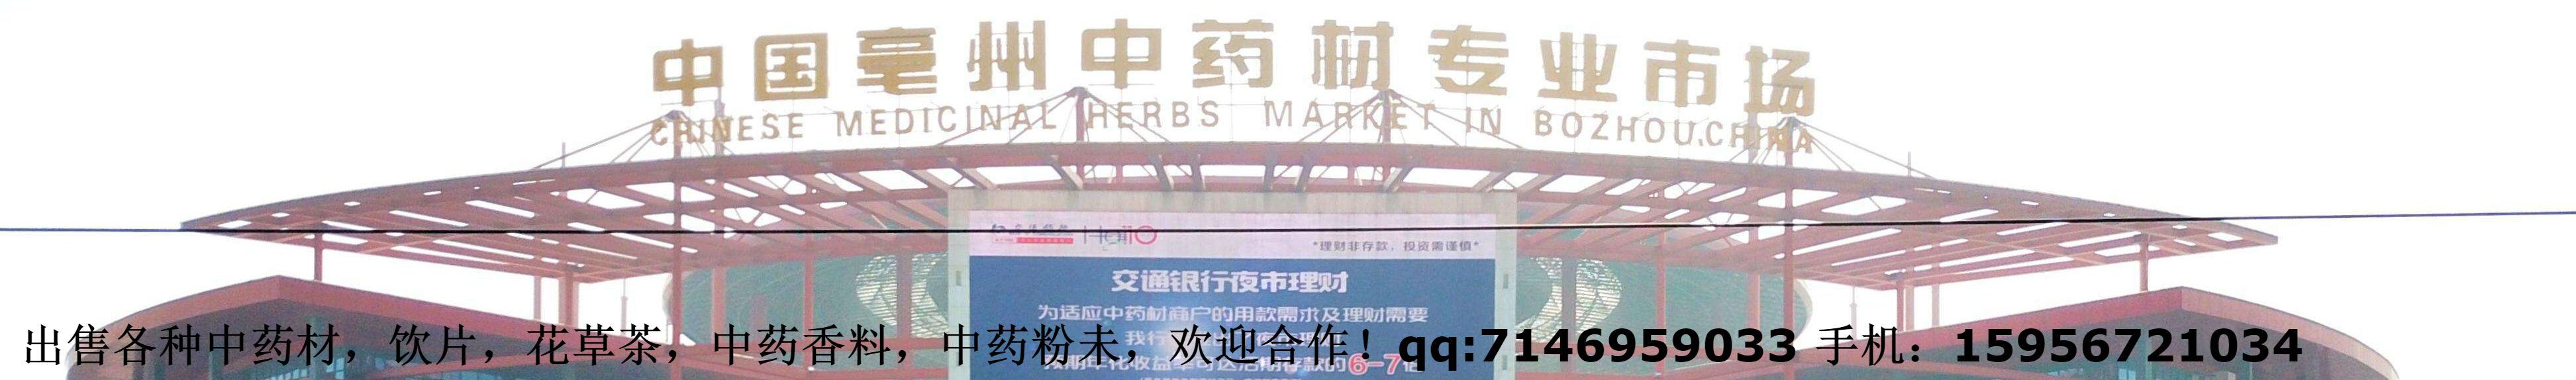 华佗故里,药材之乡--------亳州药材市场 bzycsc.com